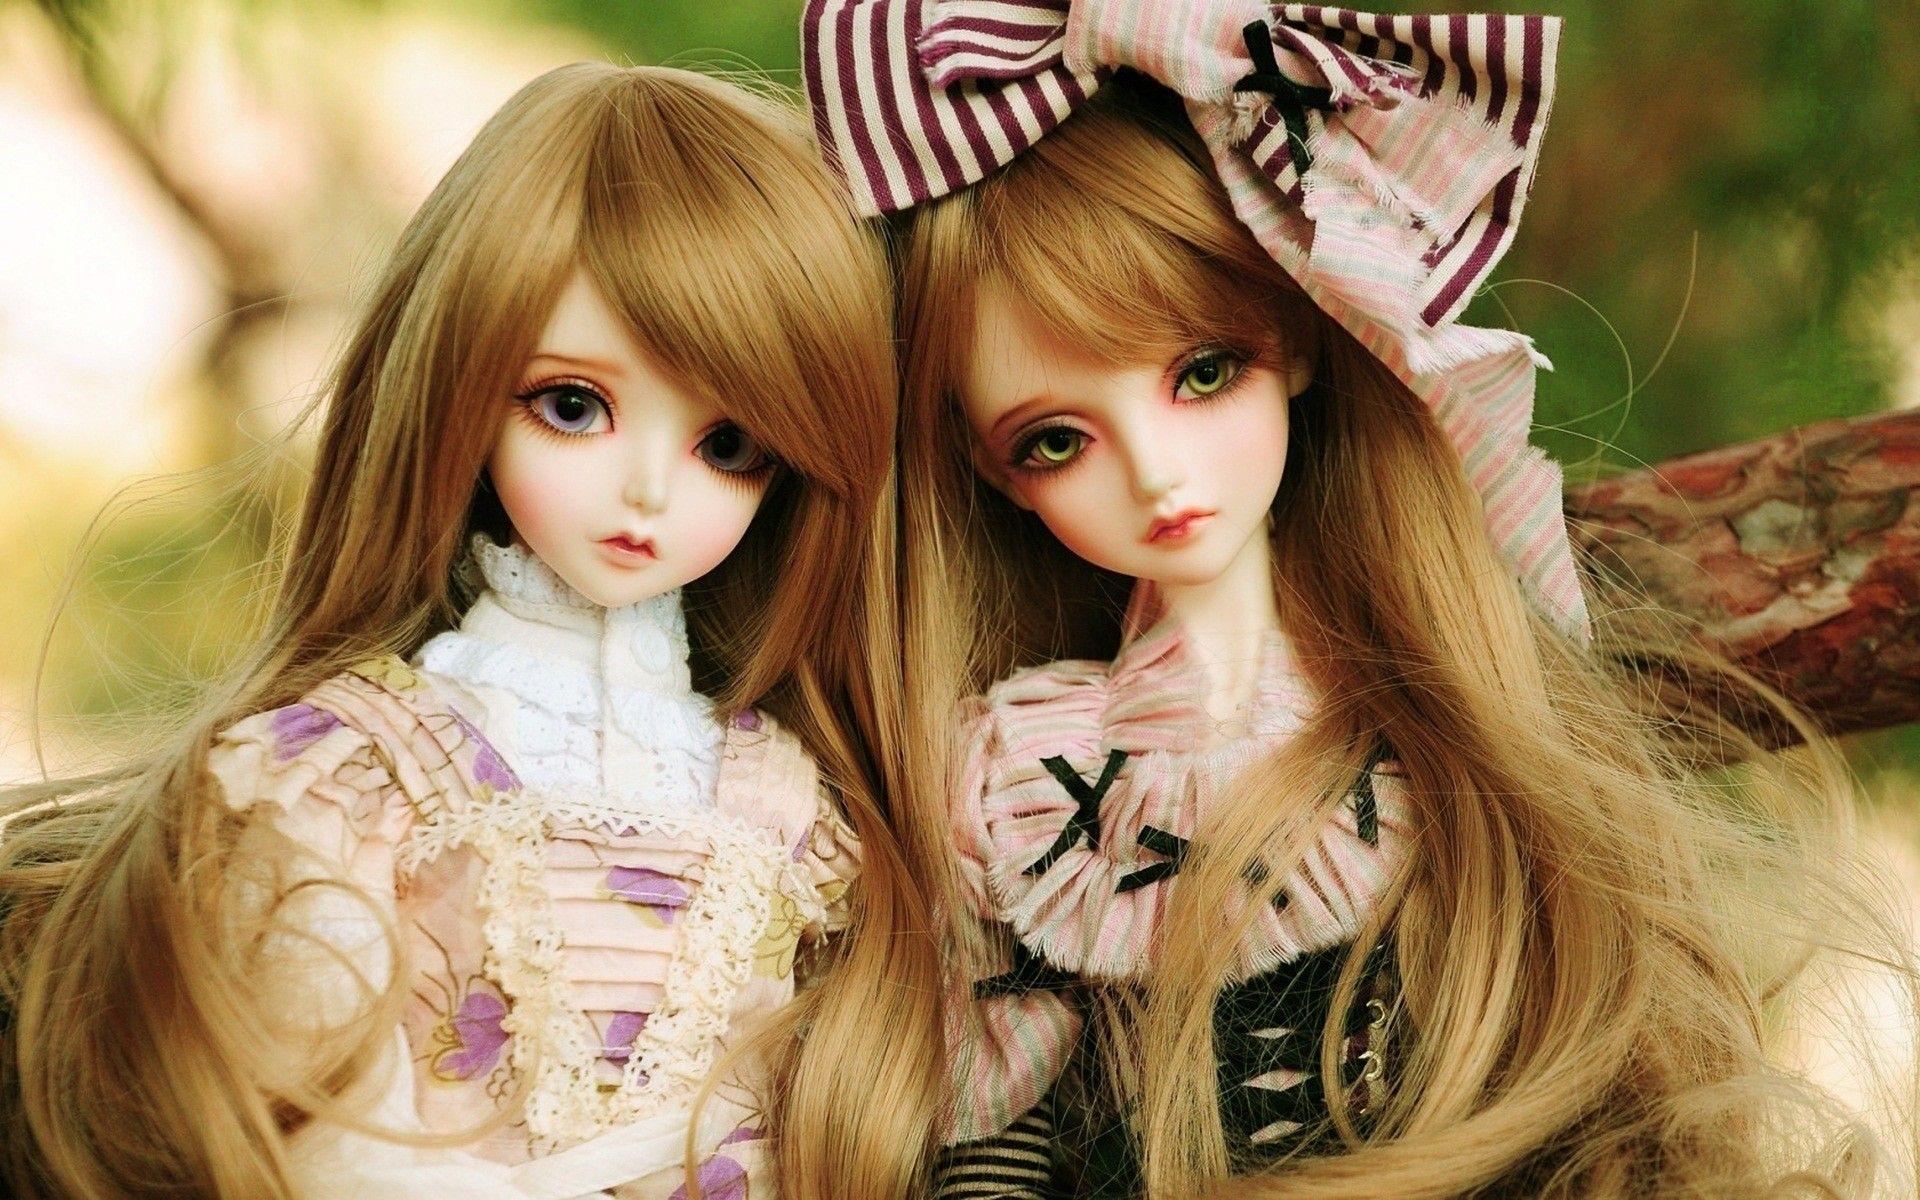 Barbie Doll Wallpapers For Desktop Barbie Cartoon Barbie Girl Barbie Images Cute doll cute barbie dolls desktop